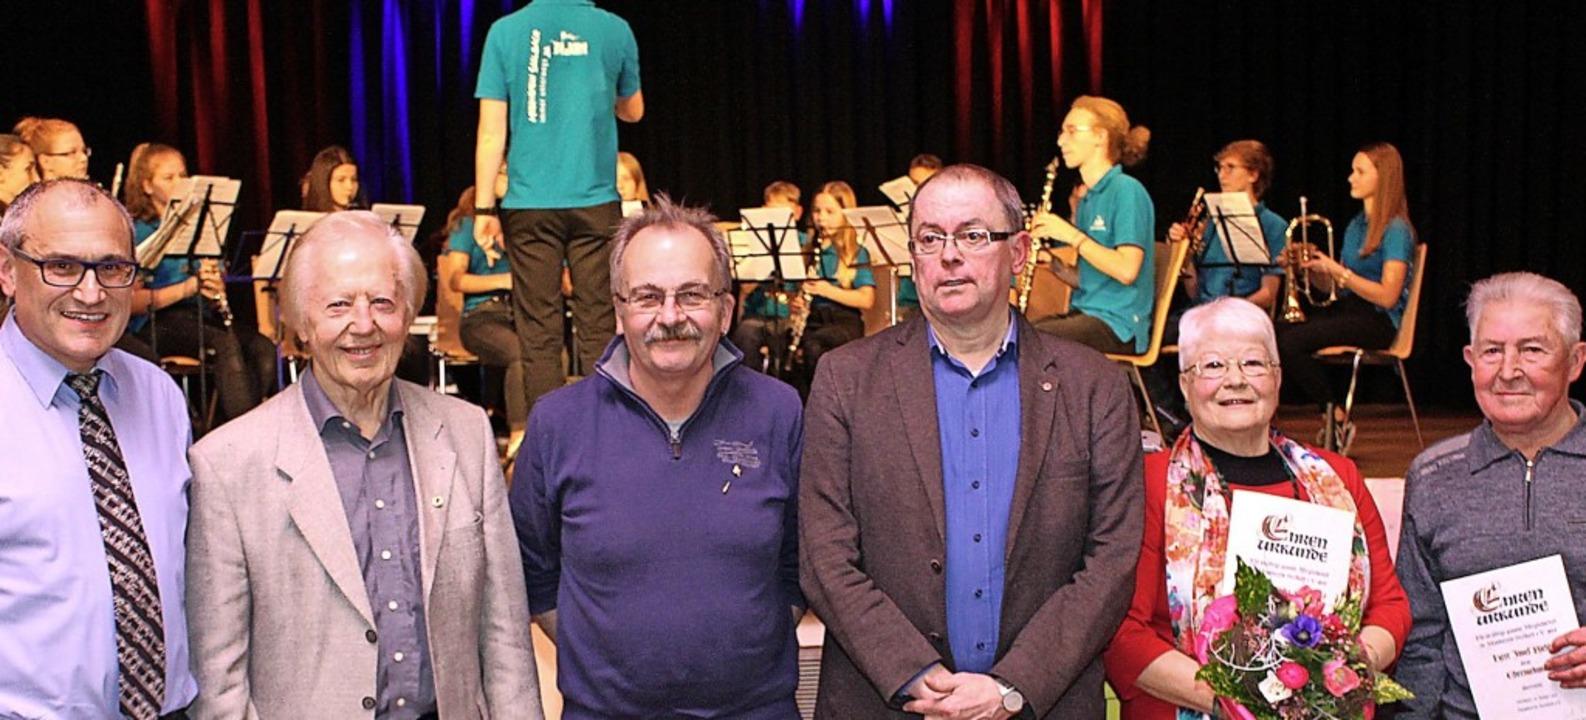 Vorsitzender Dieter Faißt (von links) ...m Musikverein Seelbach ausgezeichnet.   | Foto: Reiner Beschorner